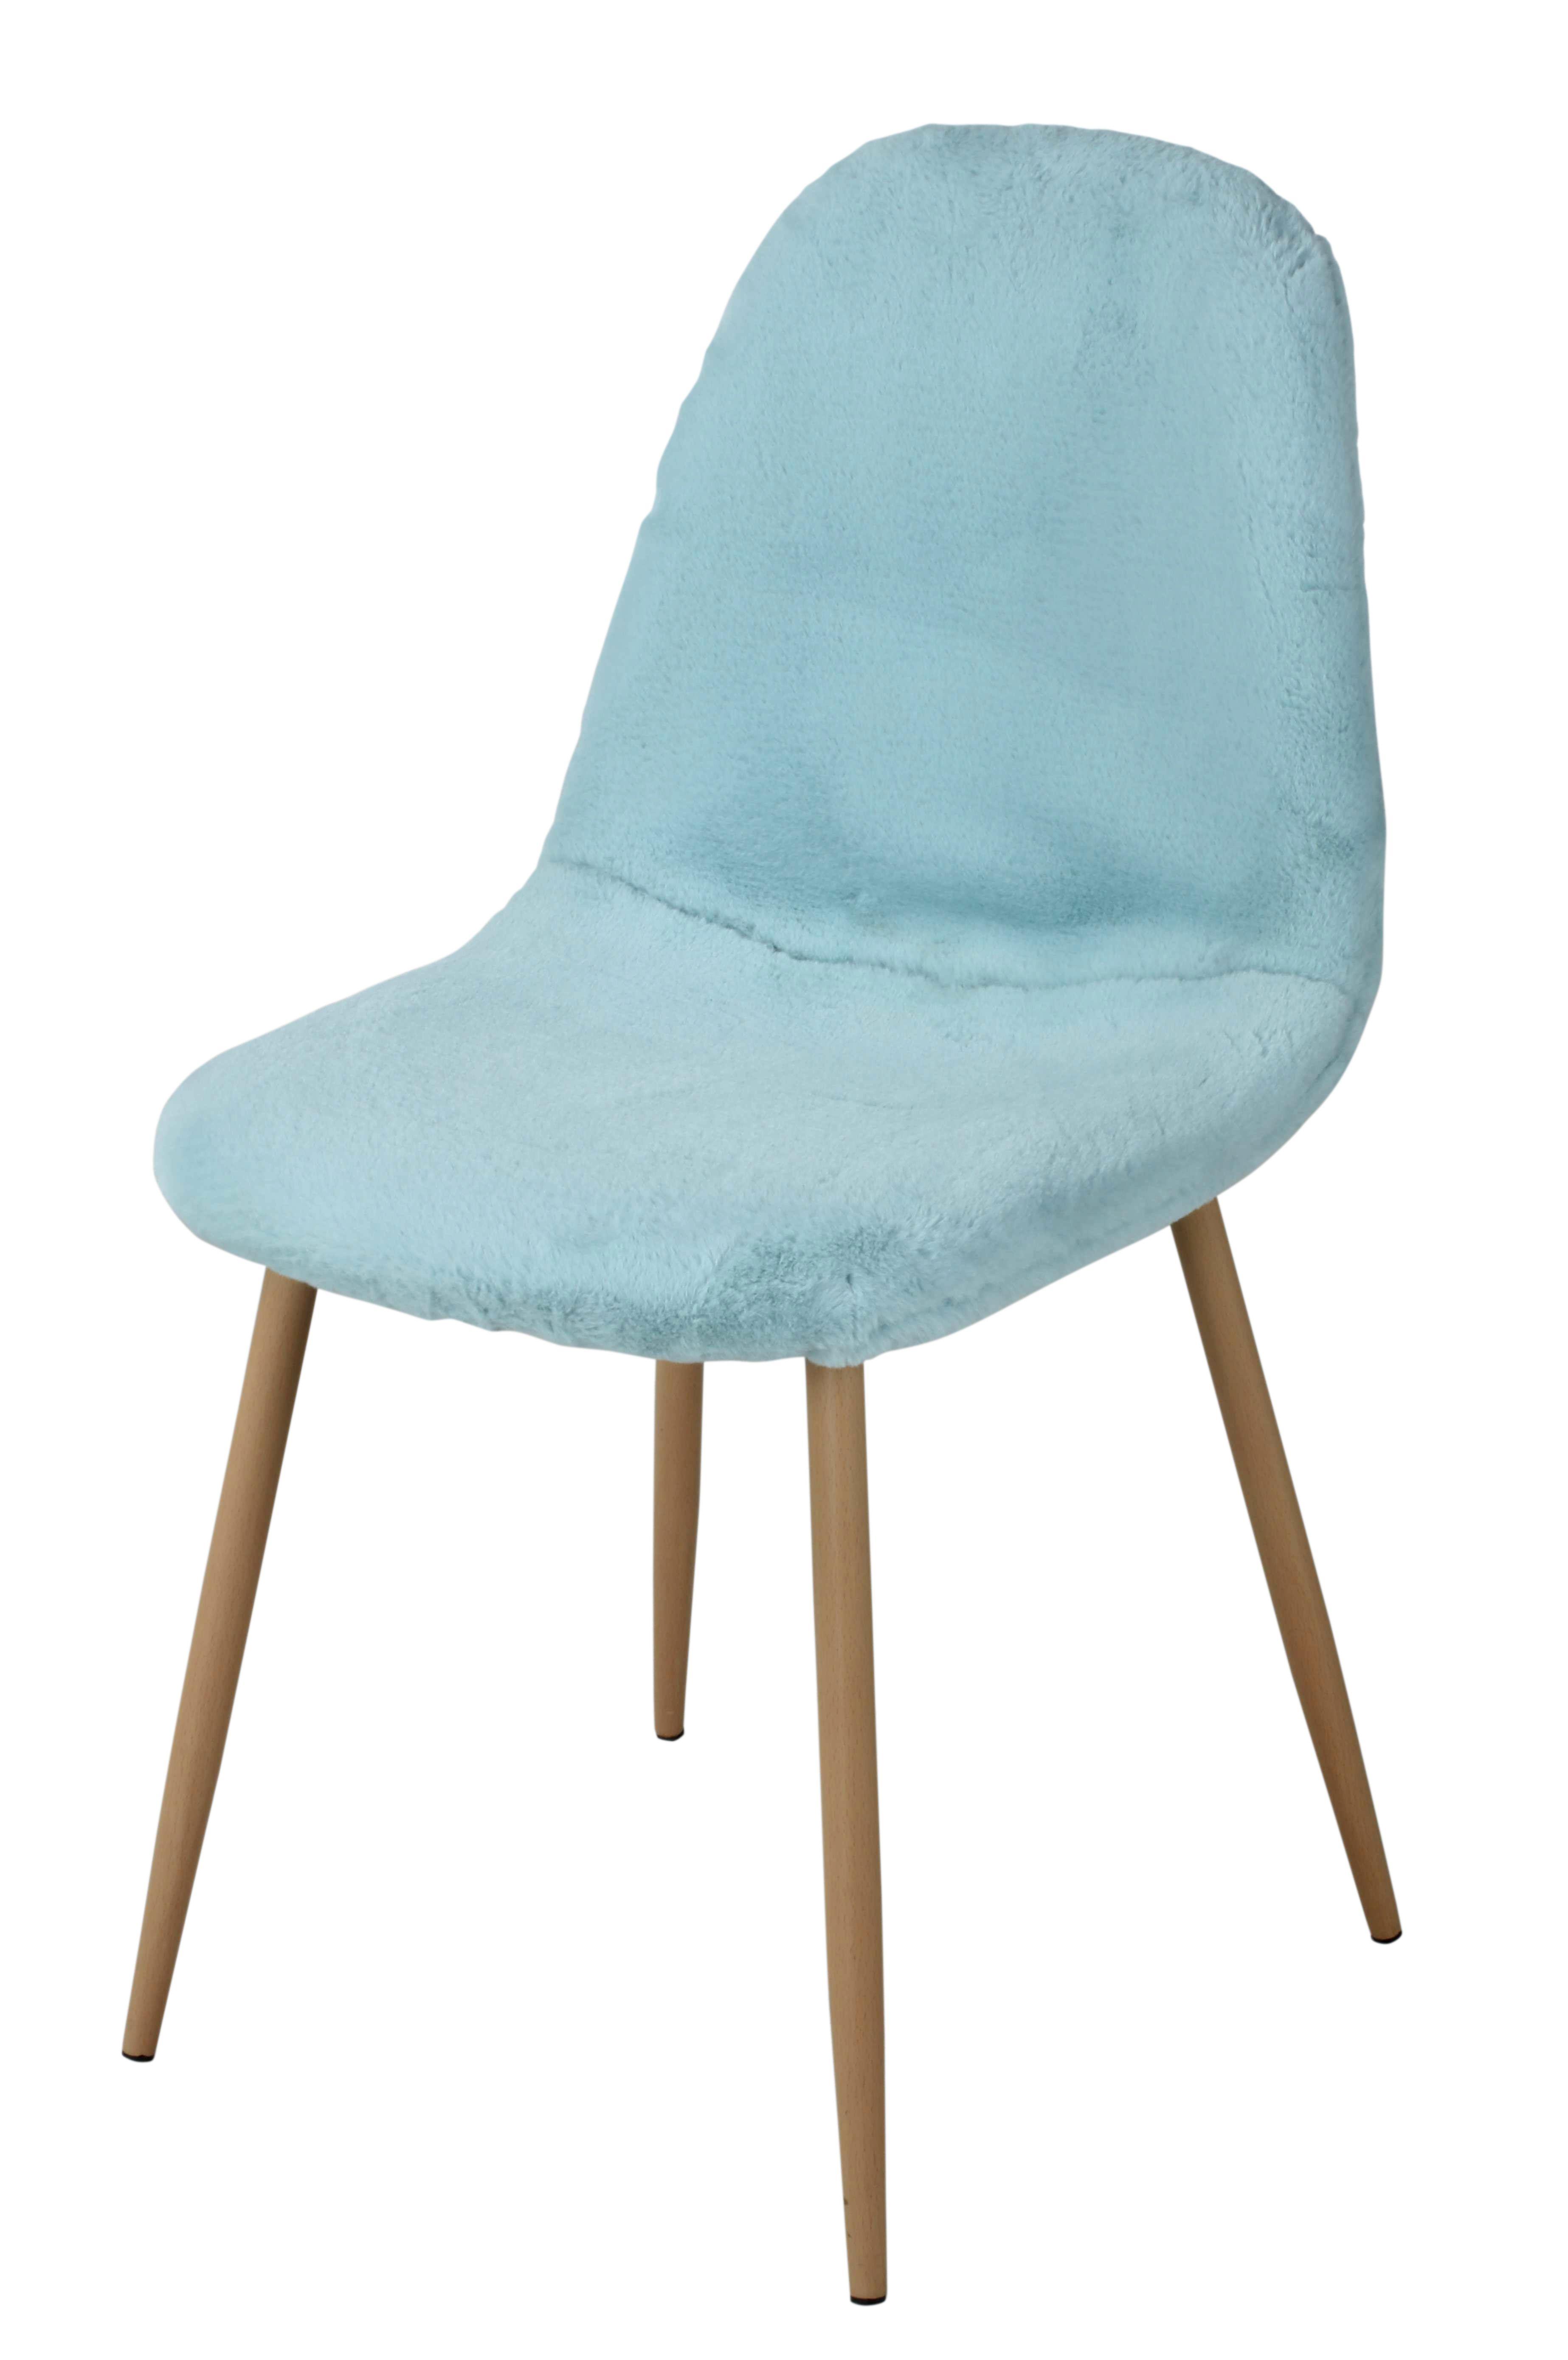 Chaise BELLA pour un intérieur frais et coloré Bient´t disponible